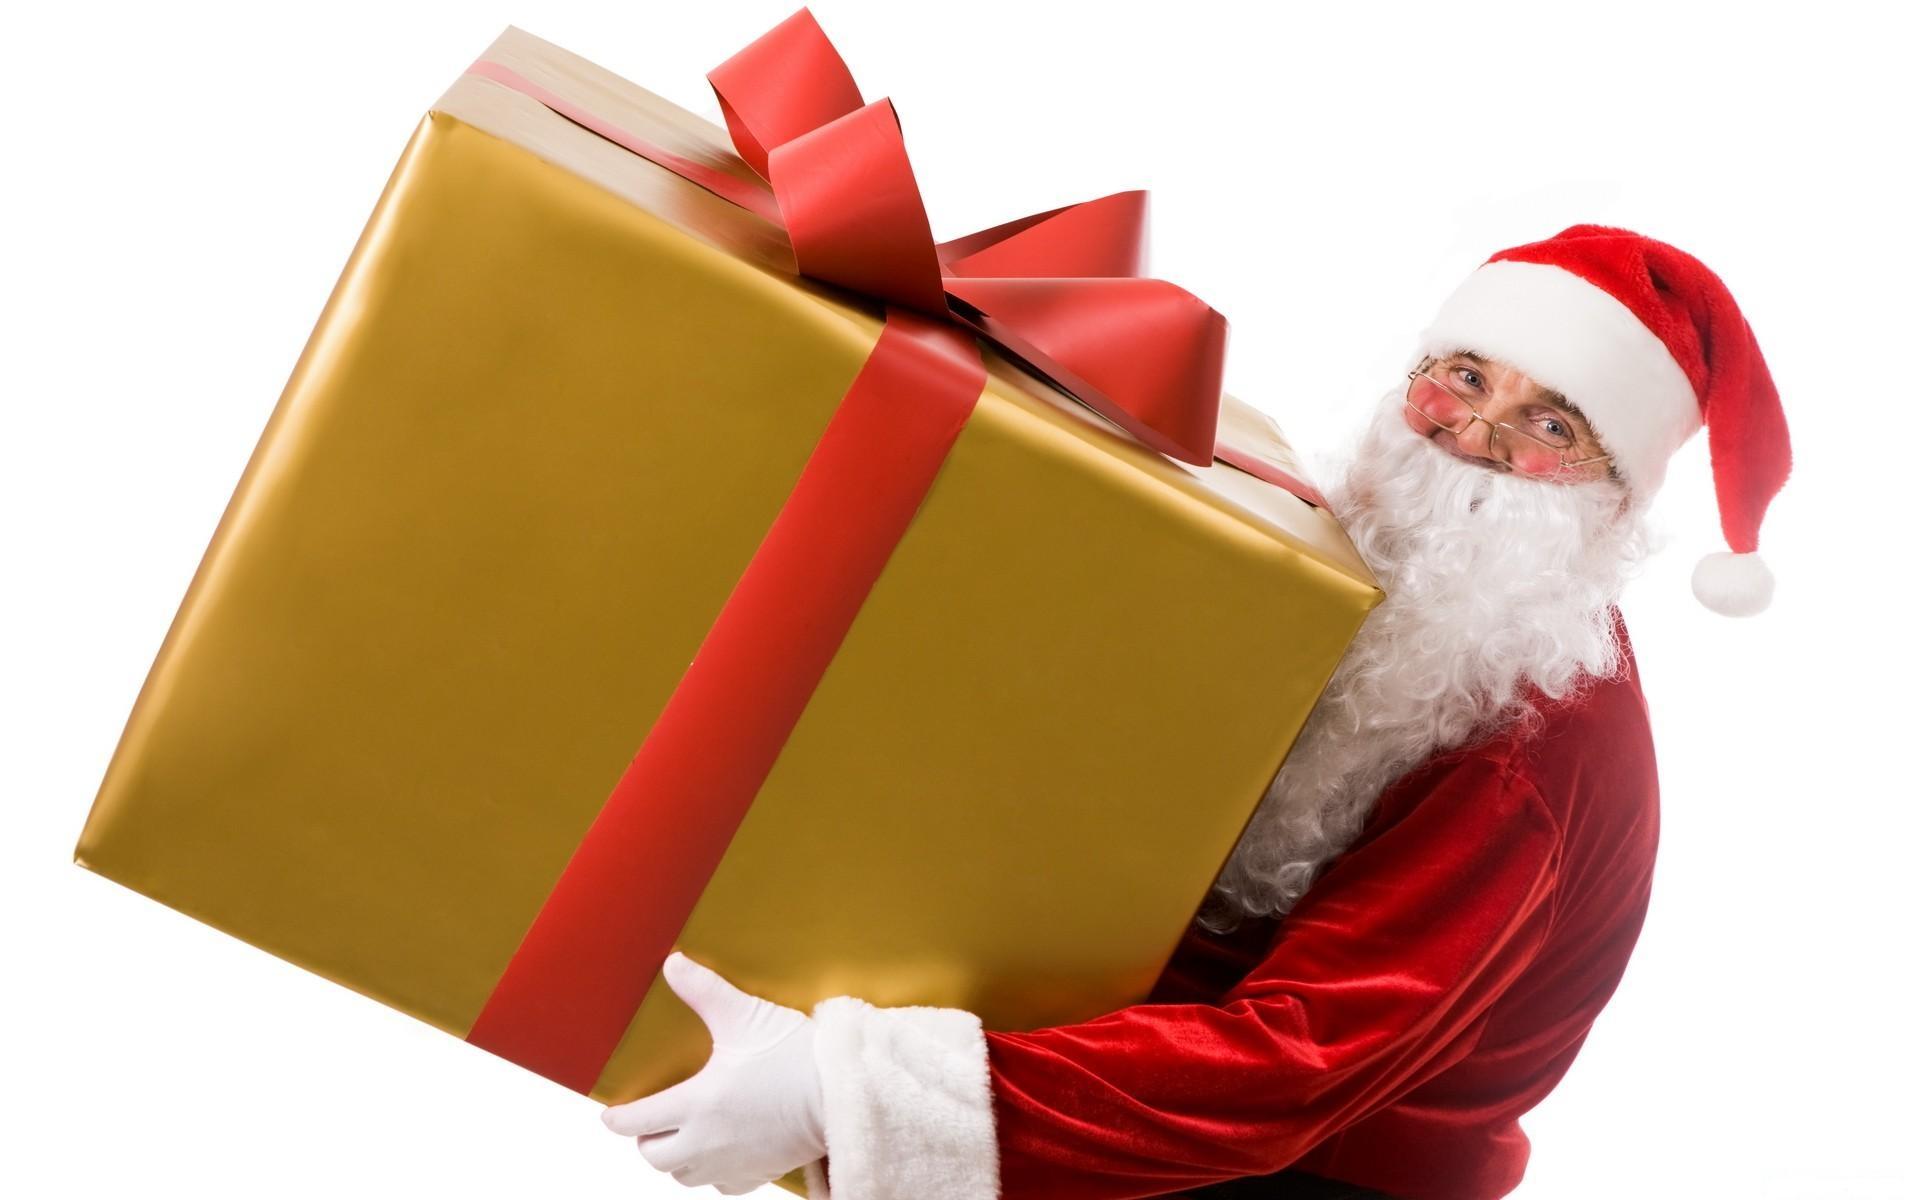 xmas-gifts-from-santa-claus